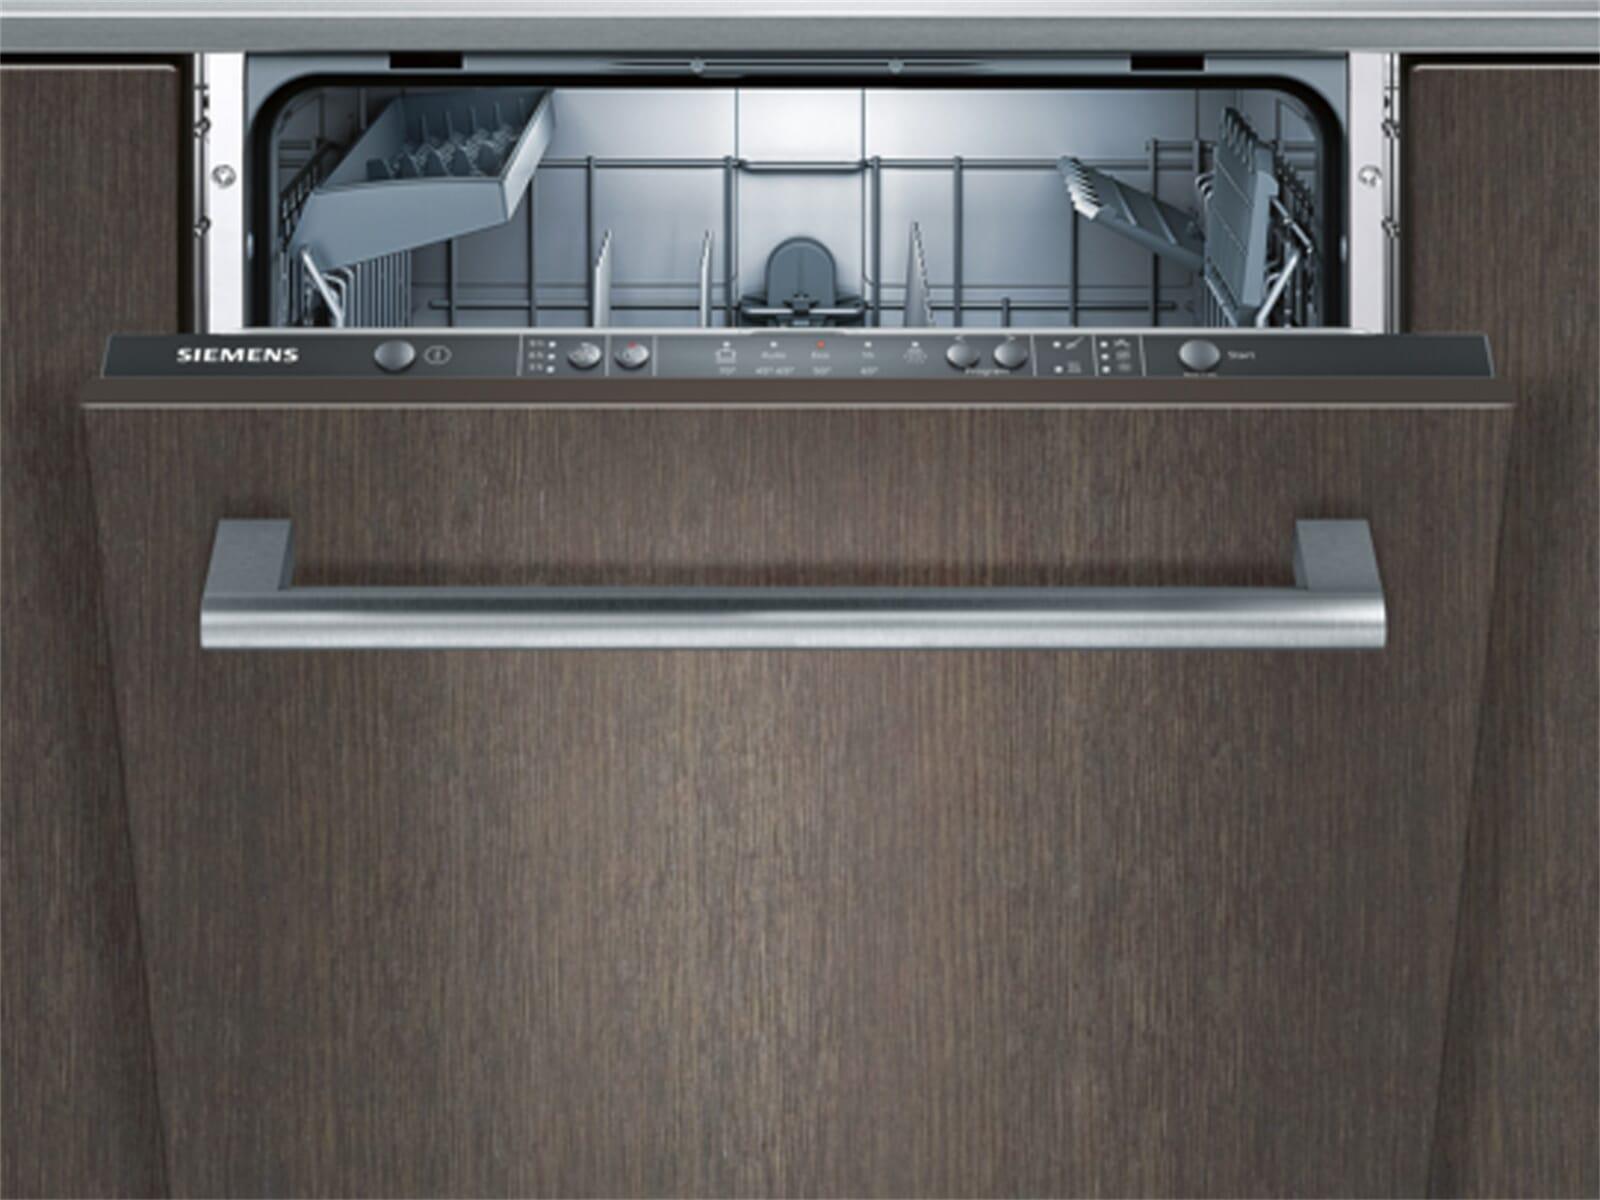 Produktabbildung Siemens SX615X00AE Einbaugeschirrspüler